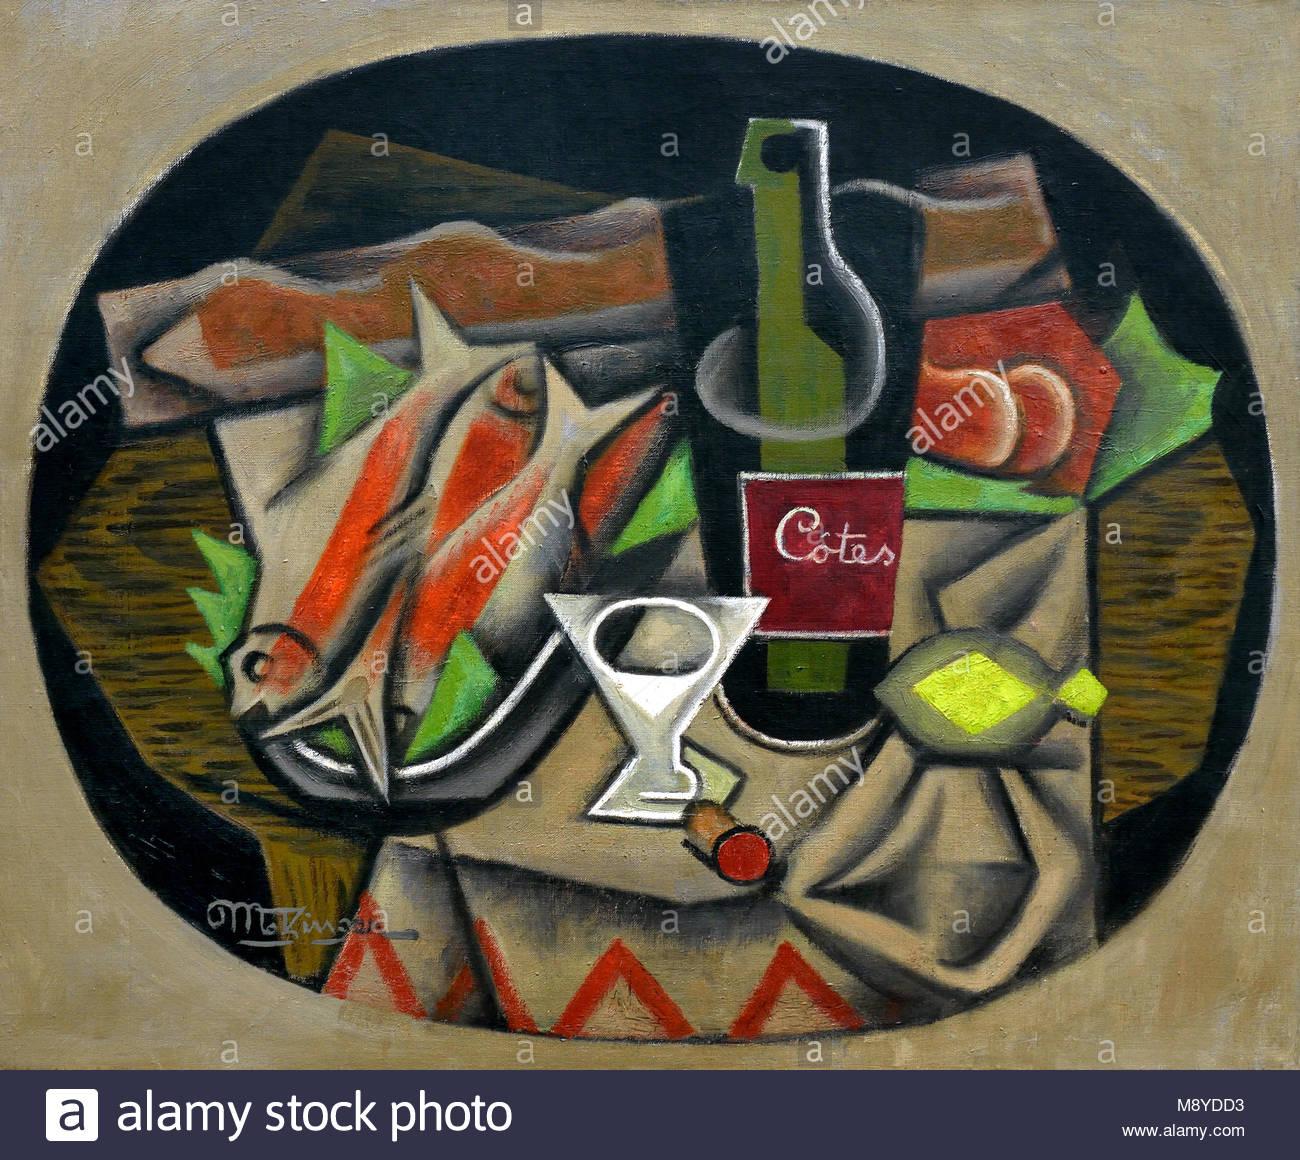 Nature mort aux Poissons - Bodegón con pescado 1917 por Jean Metzinger 1883 - 1956 Francia Imagen De Stock